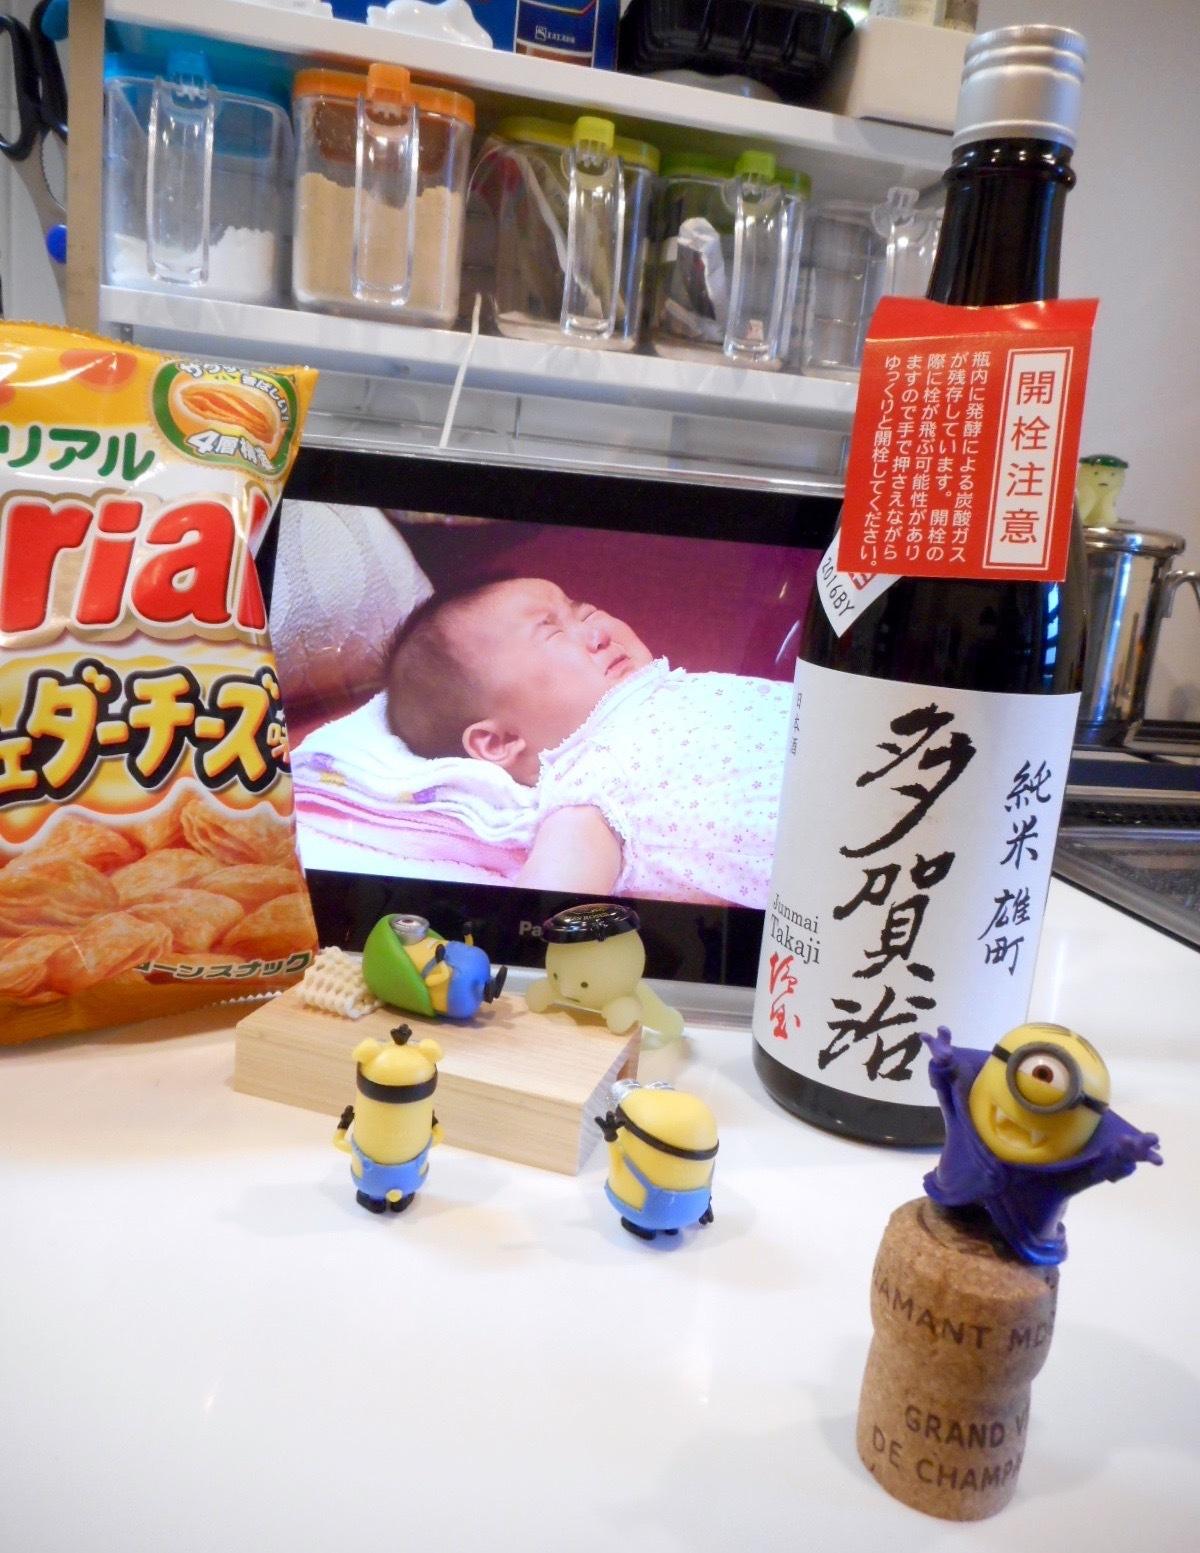 takaji_omachi_nama28by3.jpg